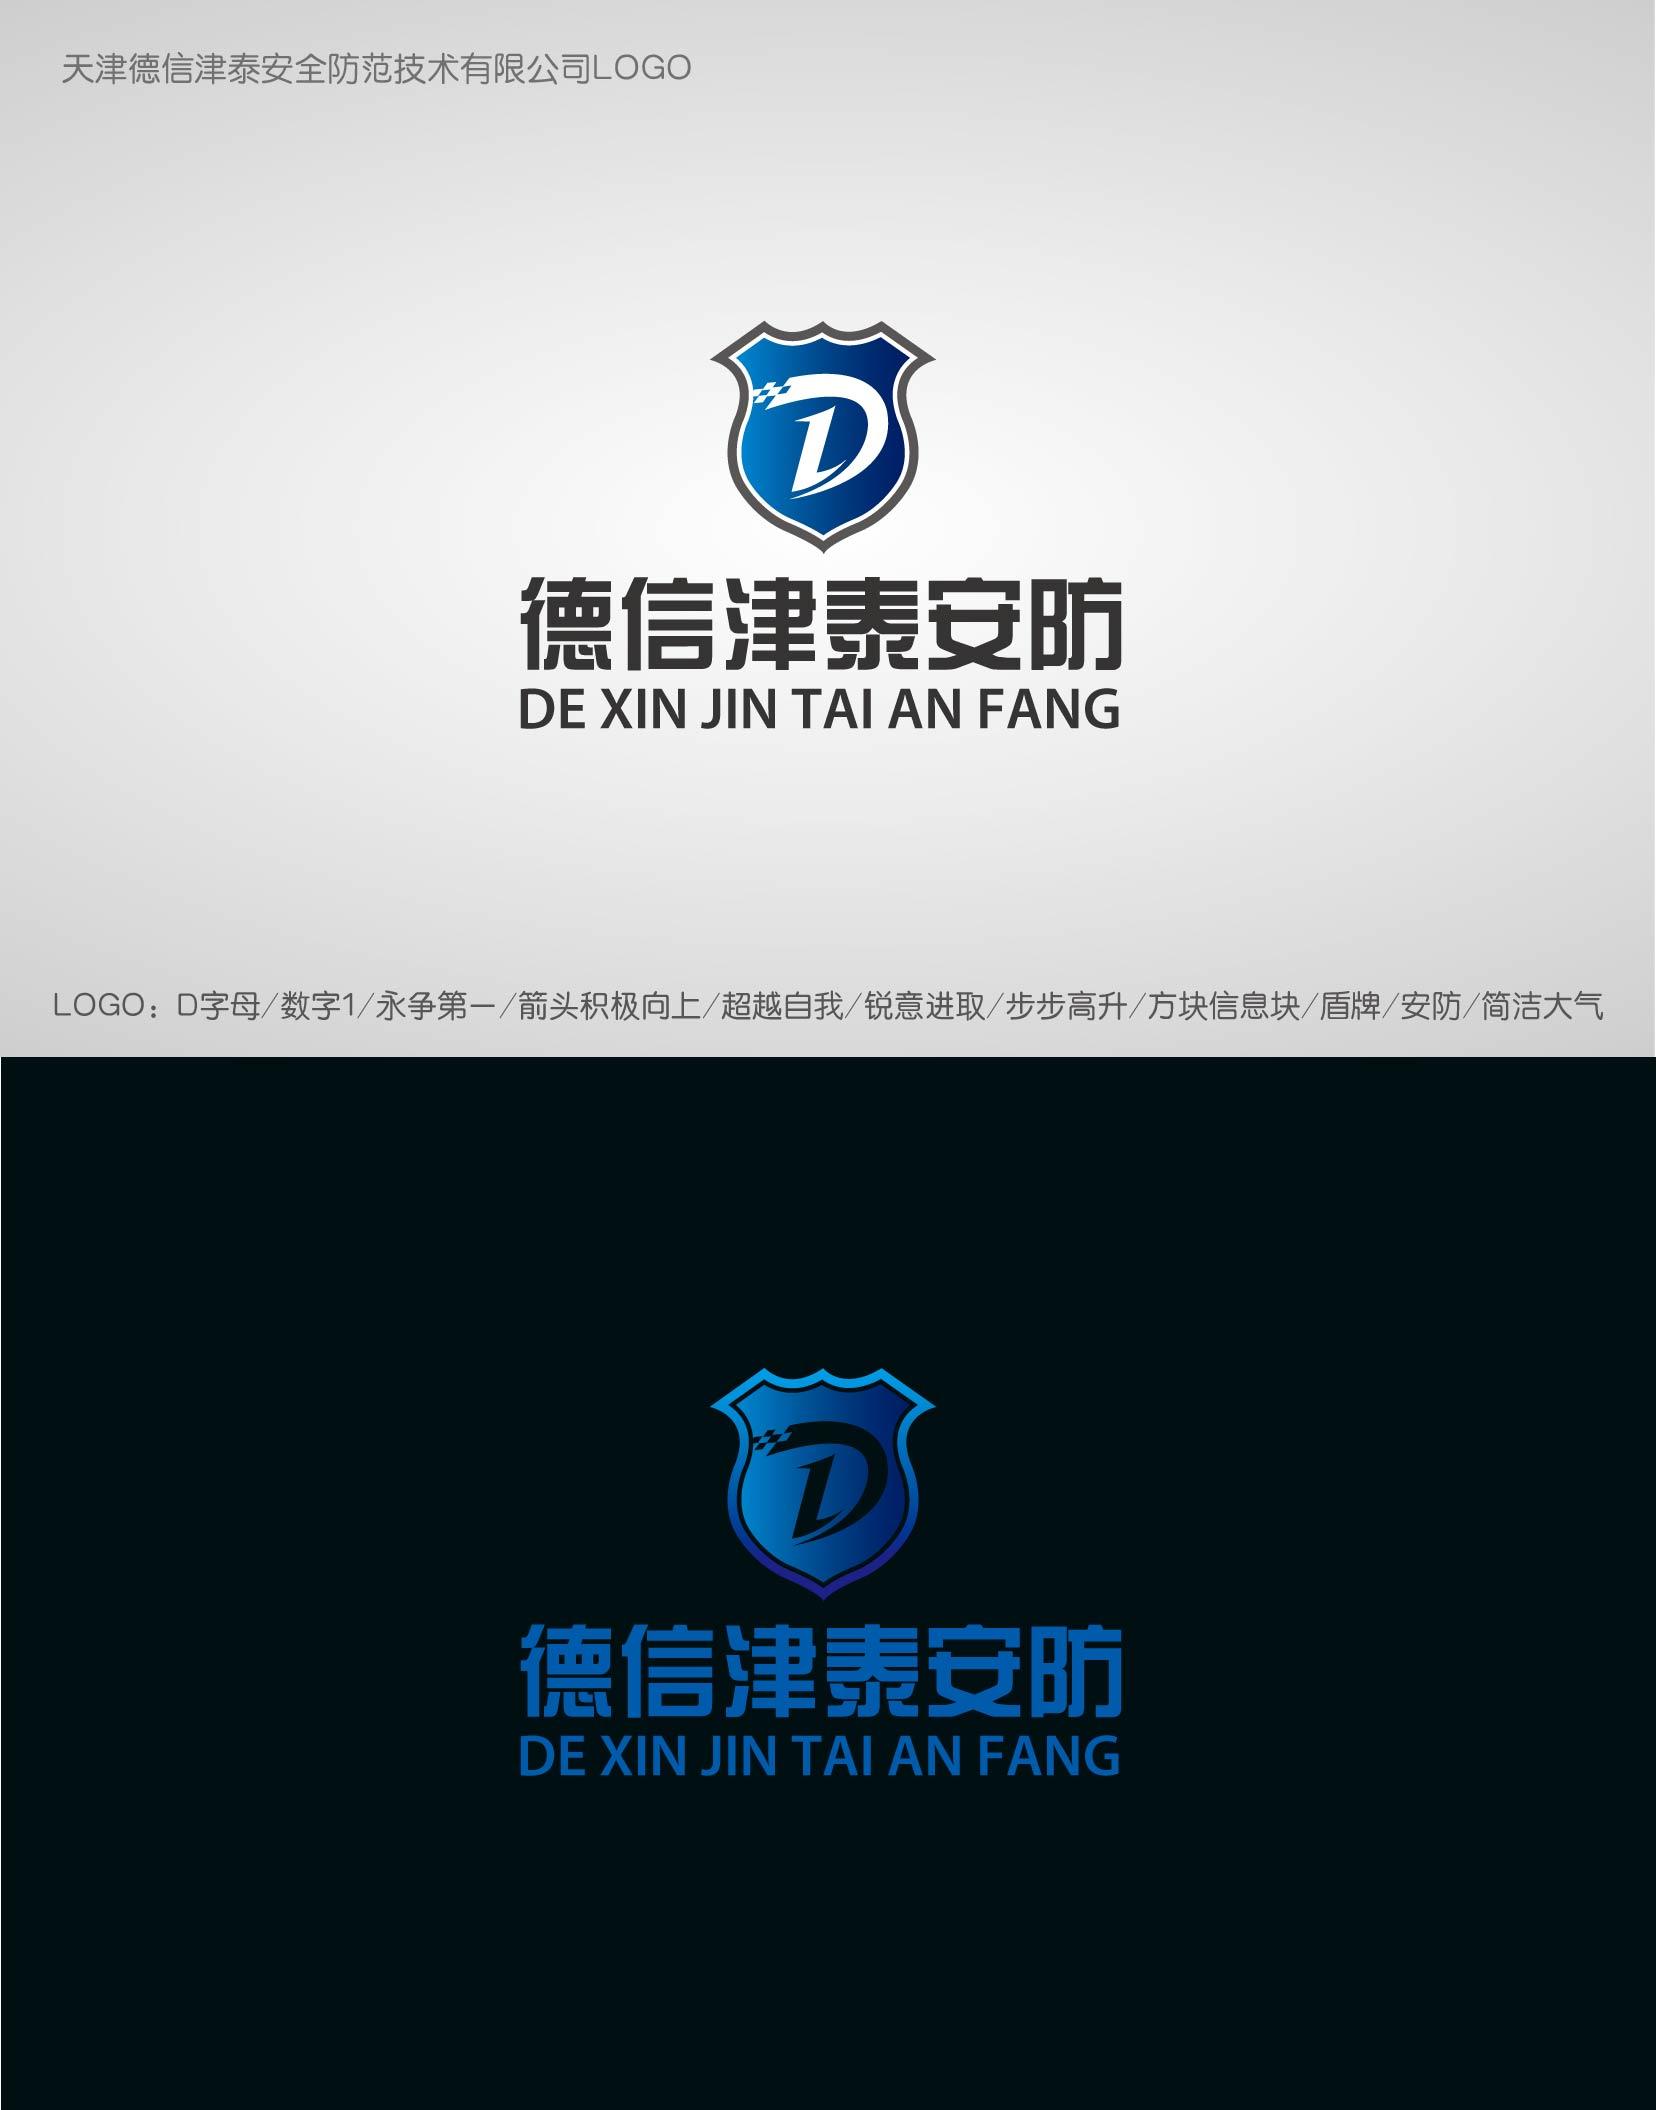 安防公司logo設計(7天)